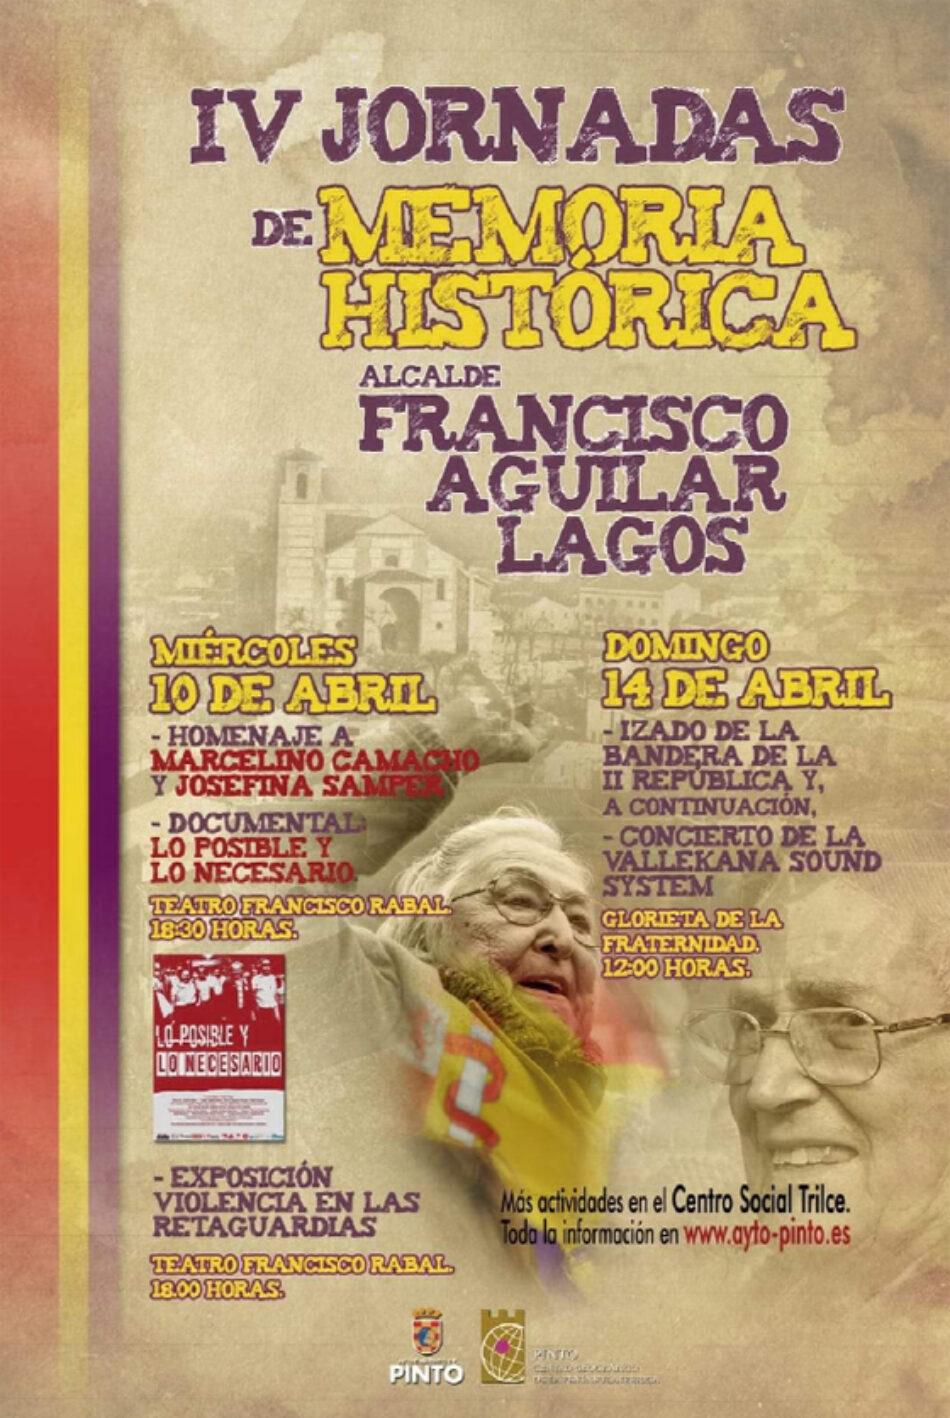 IV Edición de las Jornadas de Memoria Histórica en Pinto (Madrid)